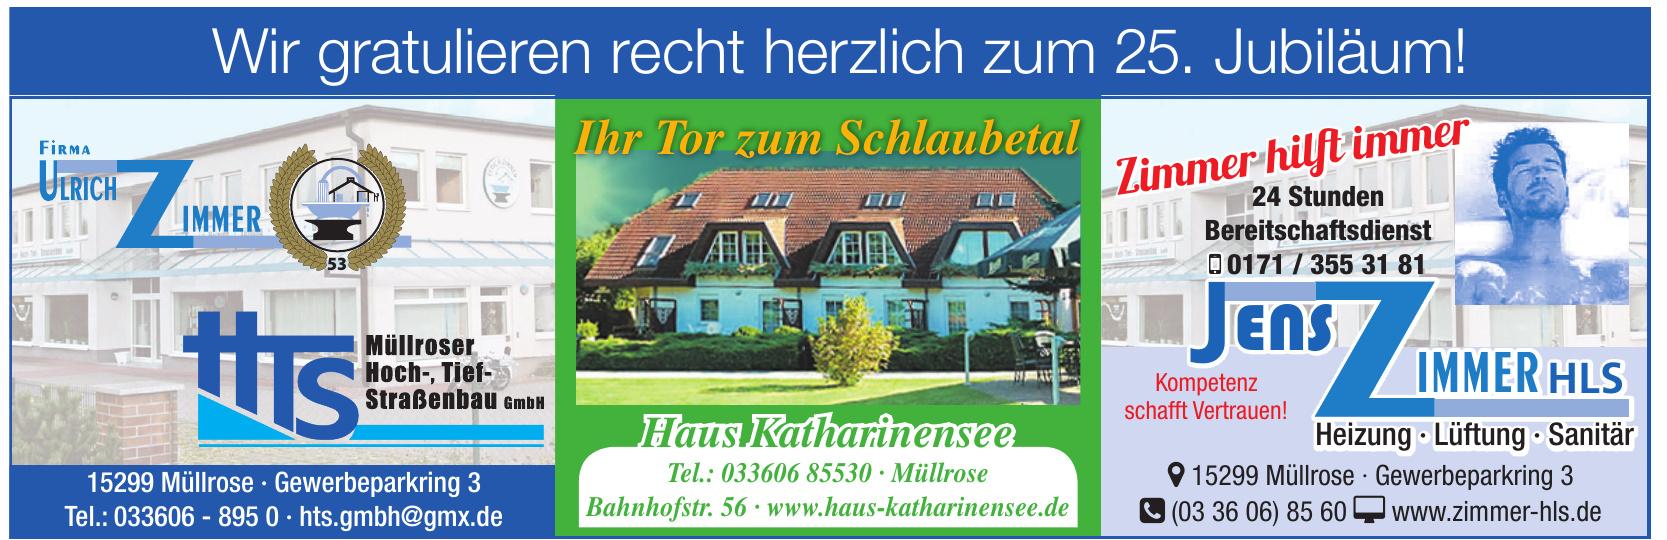 HTS Müllroser Hoch-, Tief- und Strassenbau GmbH